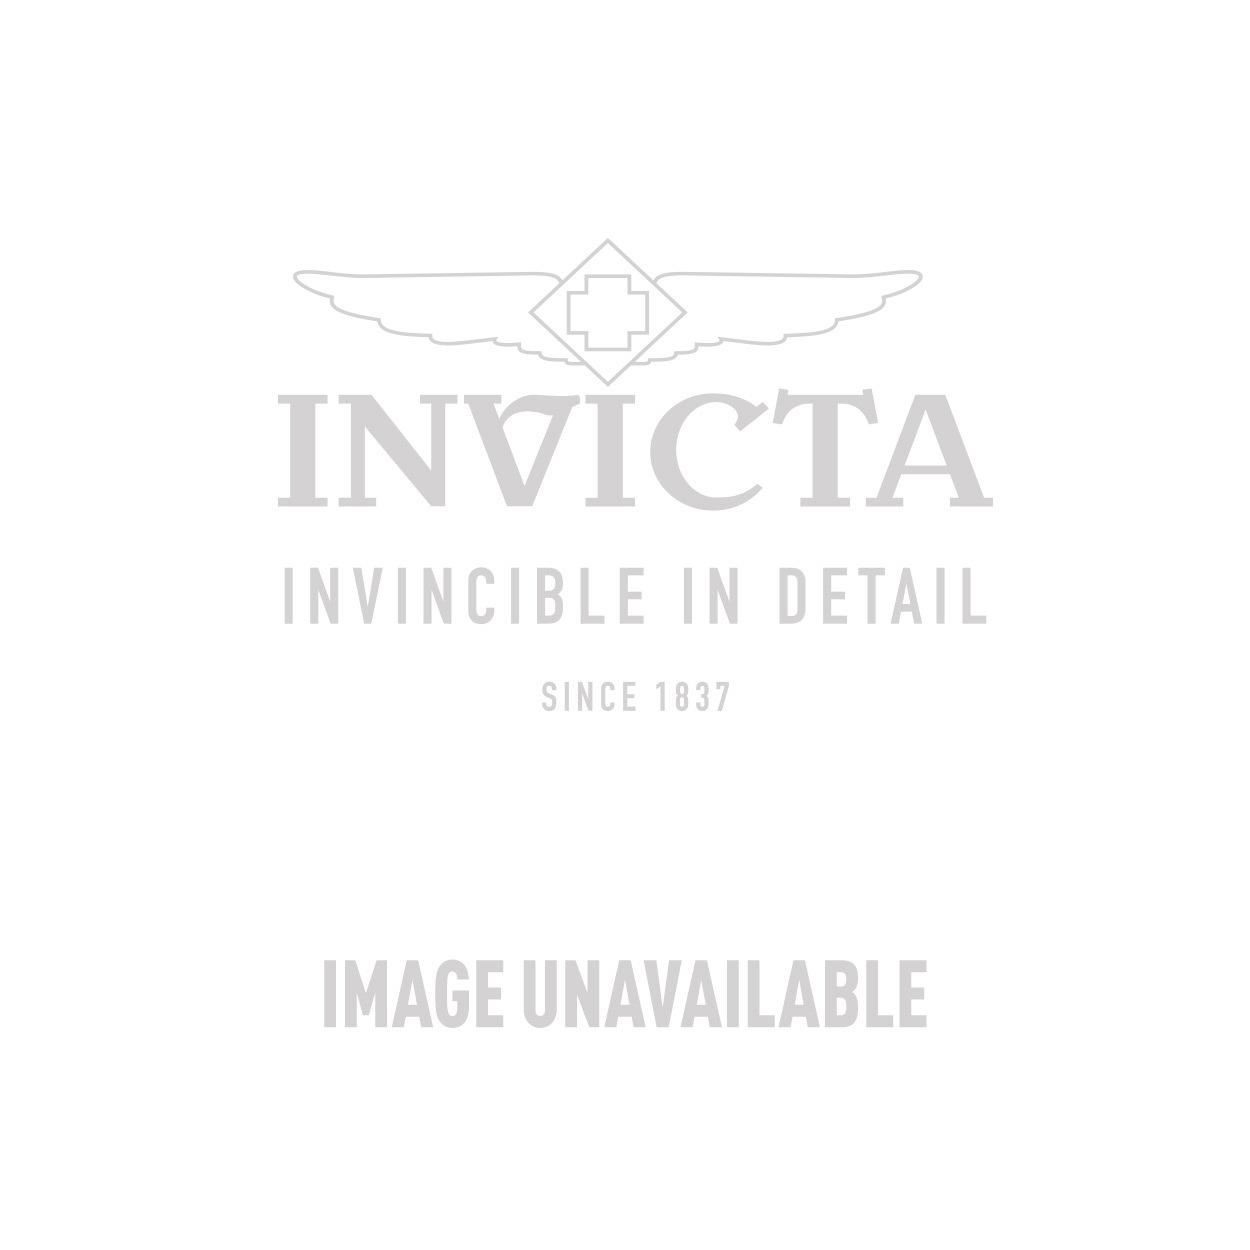 Invicta Model 24342